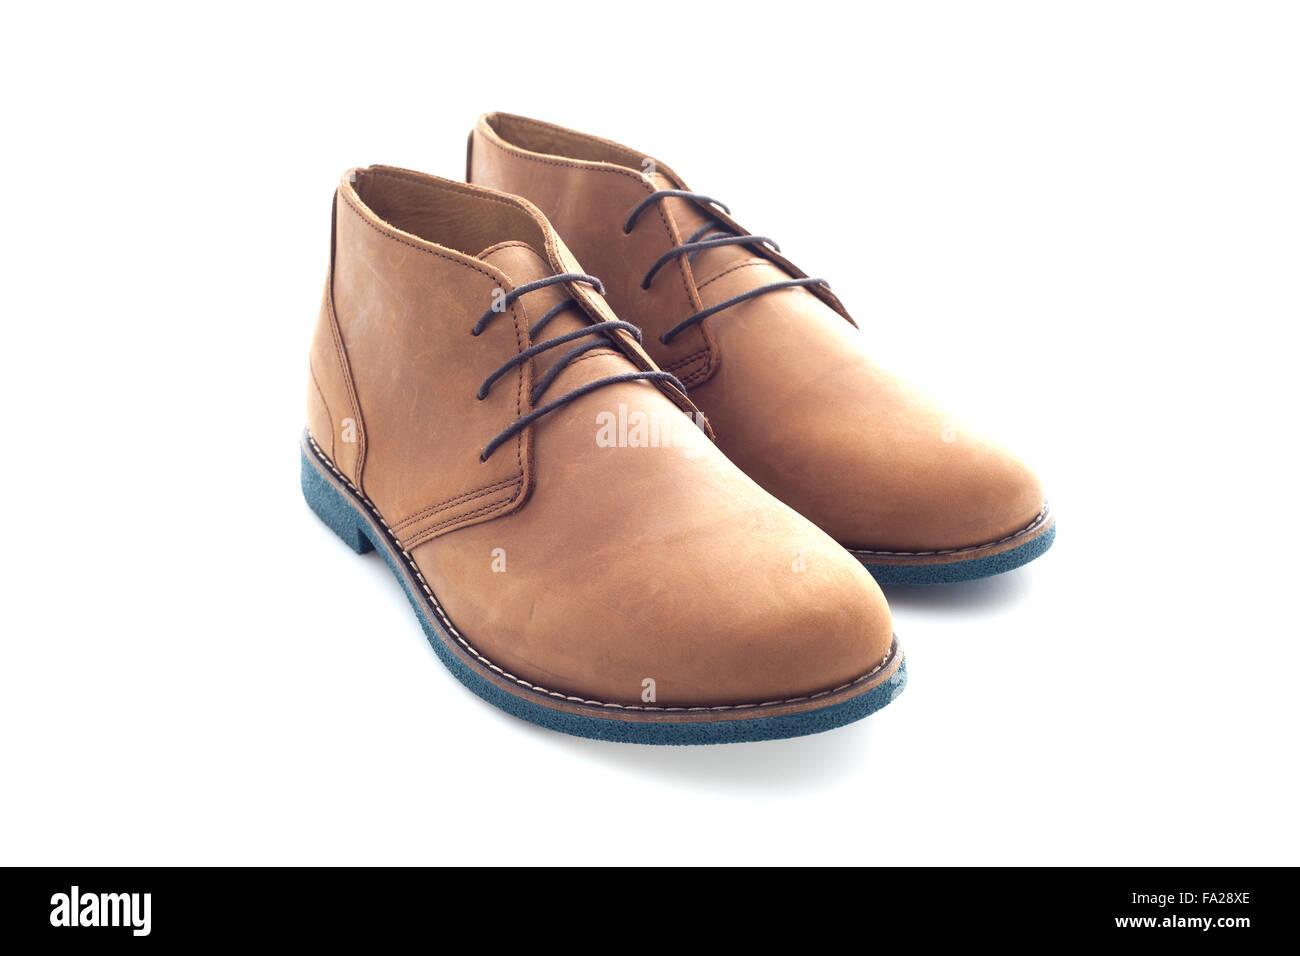 Mens Wildleder Schuhe auf weißem Hintergrund Stockbild